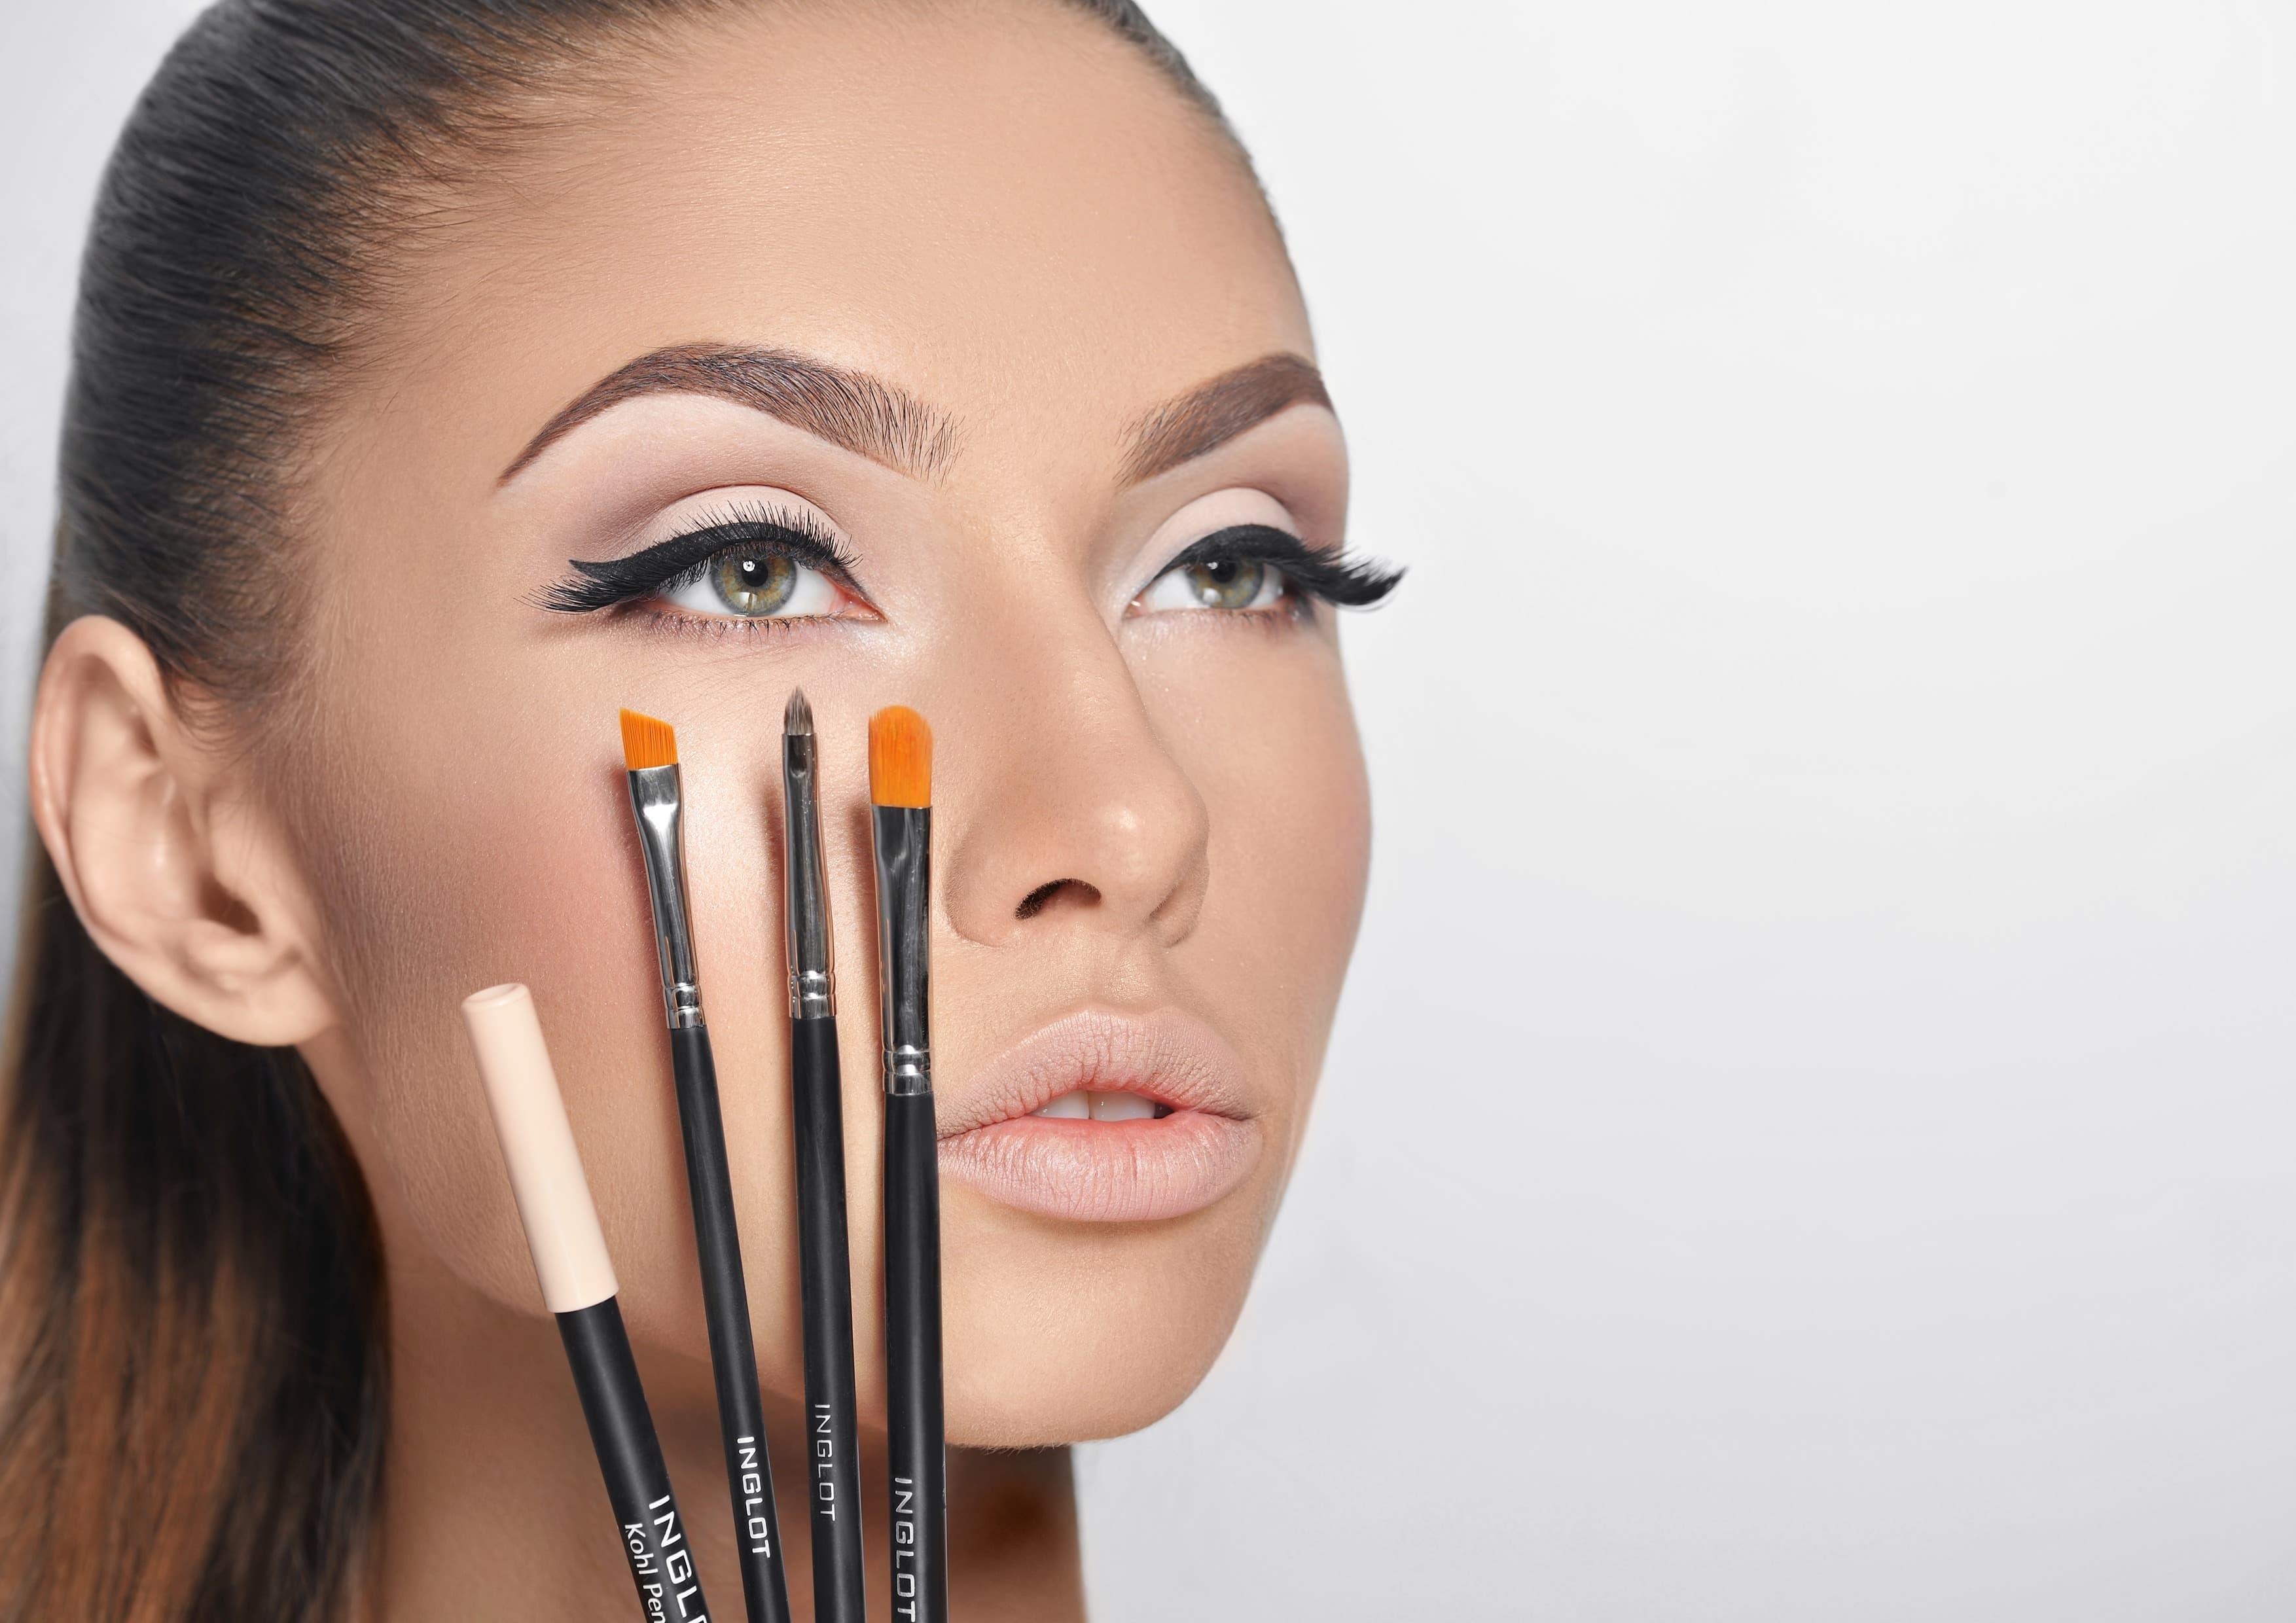 Профессиональная декоративная косметика для визажистов a 21 фотография